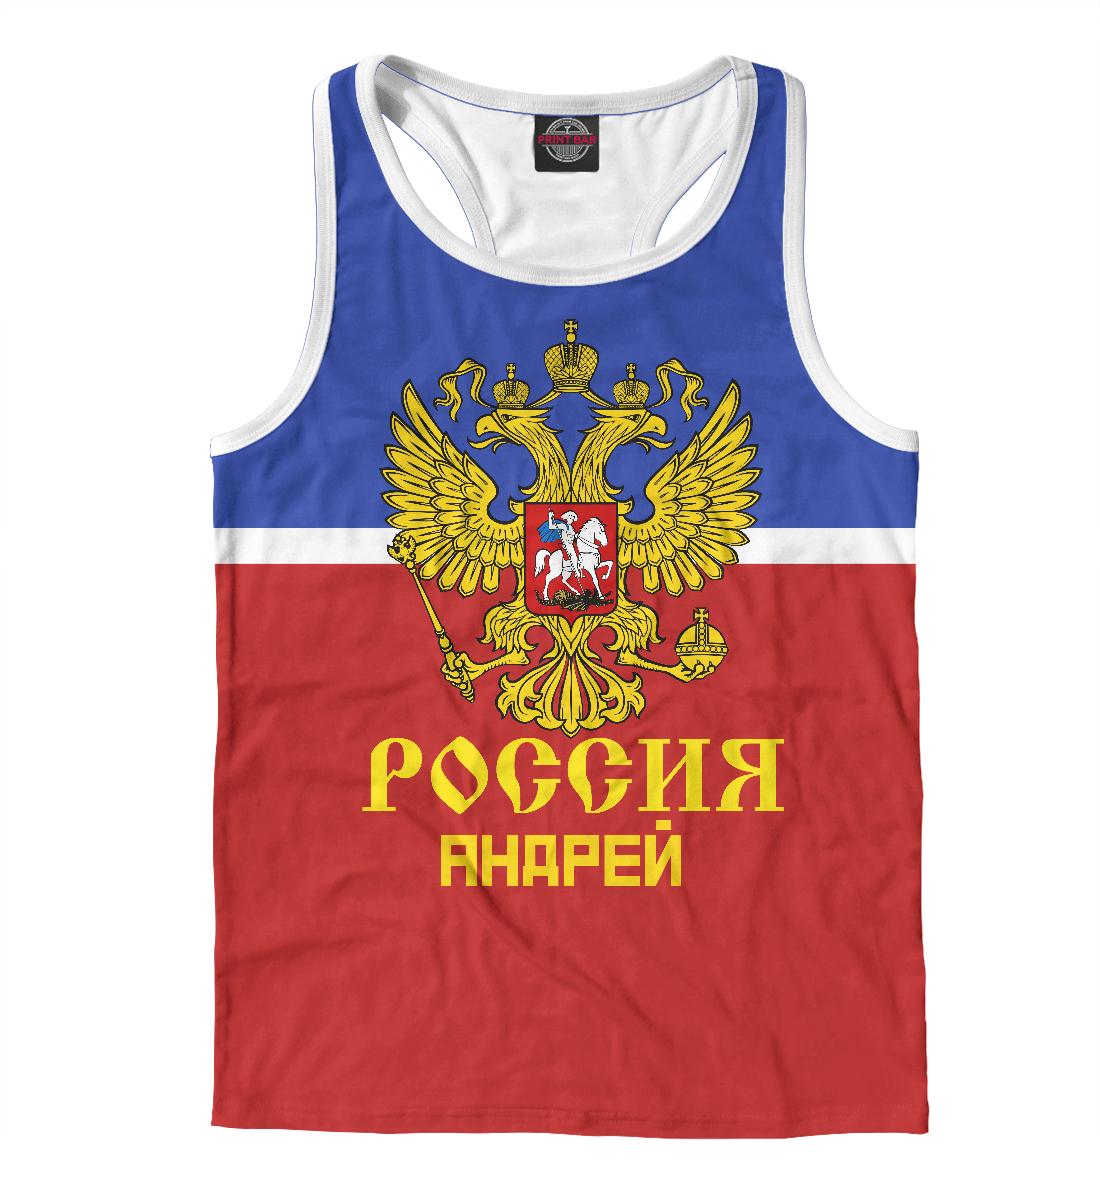 Купить Хоккеист Андрей, Printbar, Майки борцовки, AND-209905-mayb-2